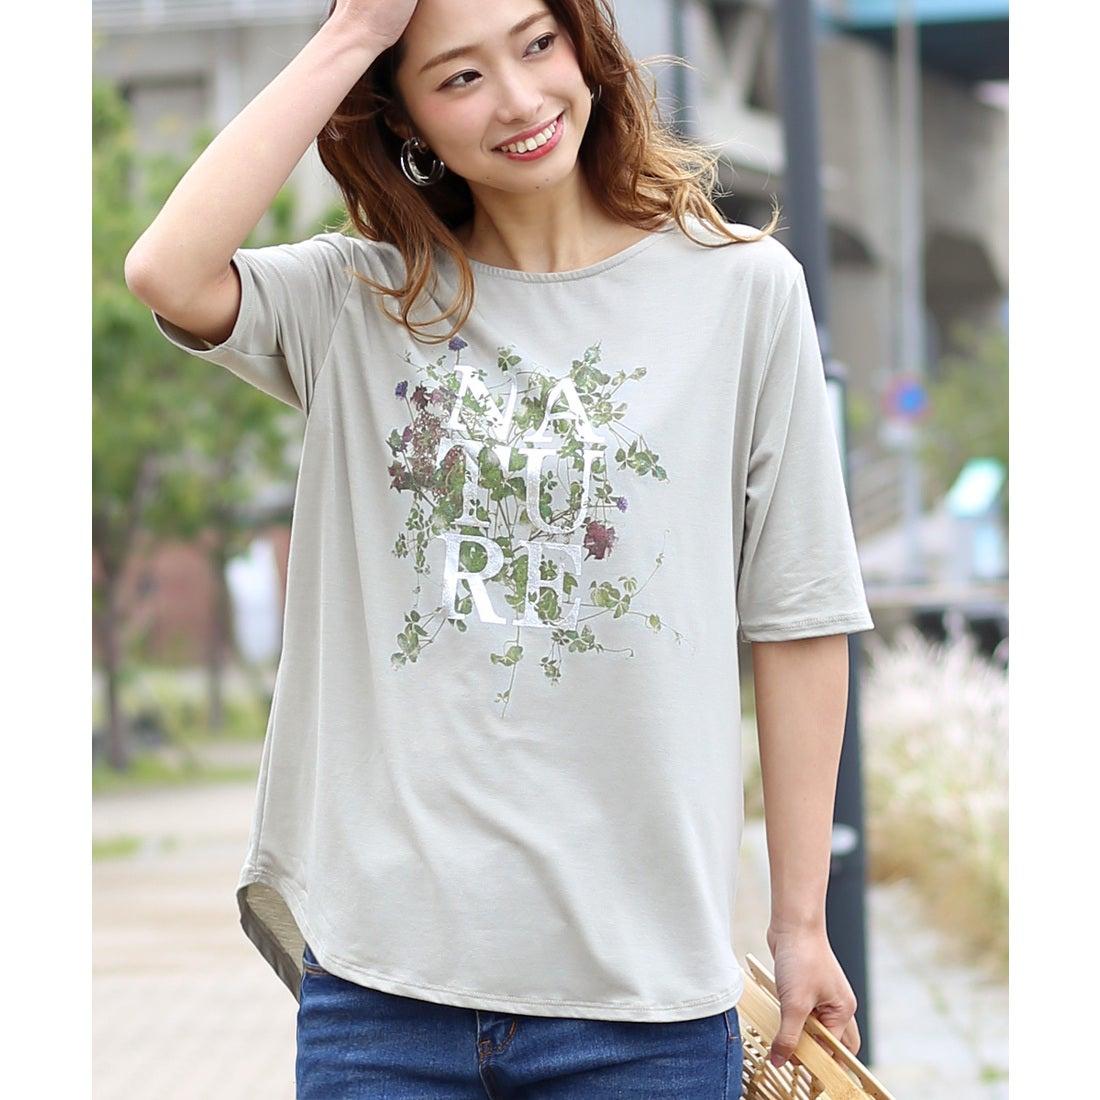 7e611474b0fe6 Bou Jeloud NATUREプリントTシャツ(ライトグレー) 返品不可商品  -靴&ファッション通販 ロコンド〜自宅で試着、気軽に返品